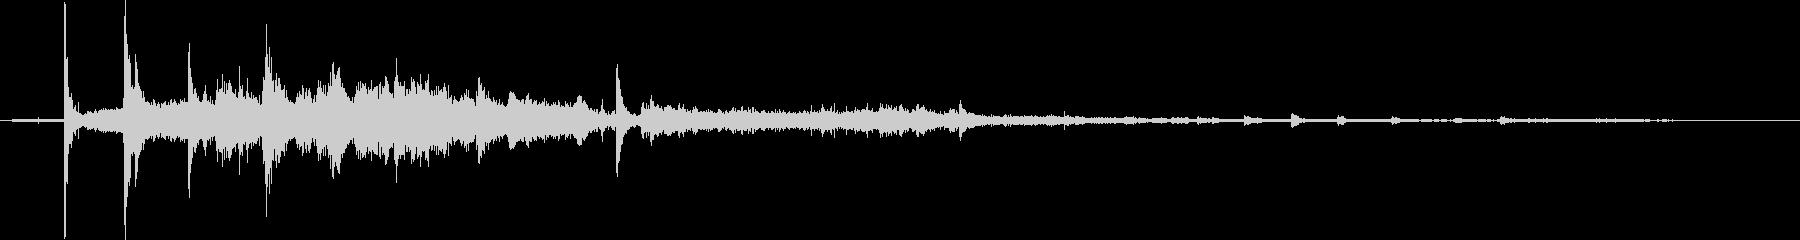 【生活音】水道の蛇口01Bの未再生の波形